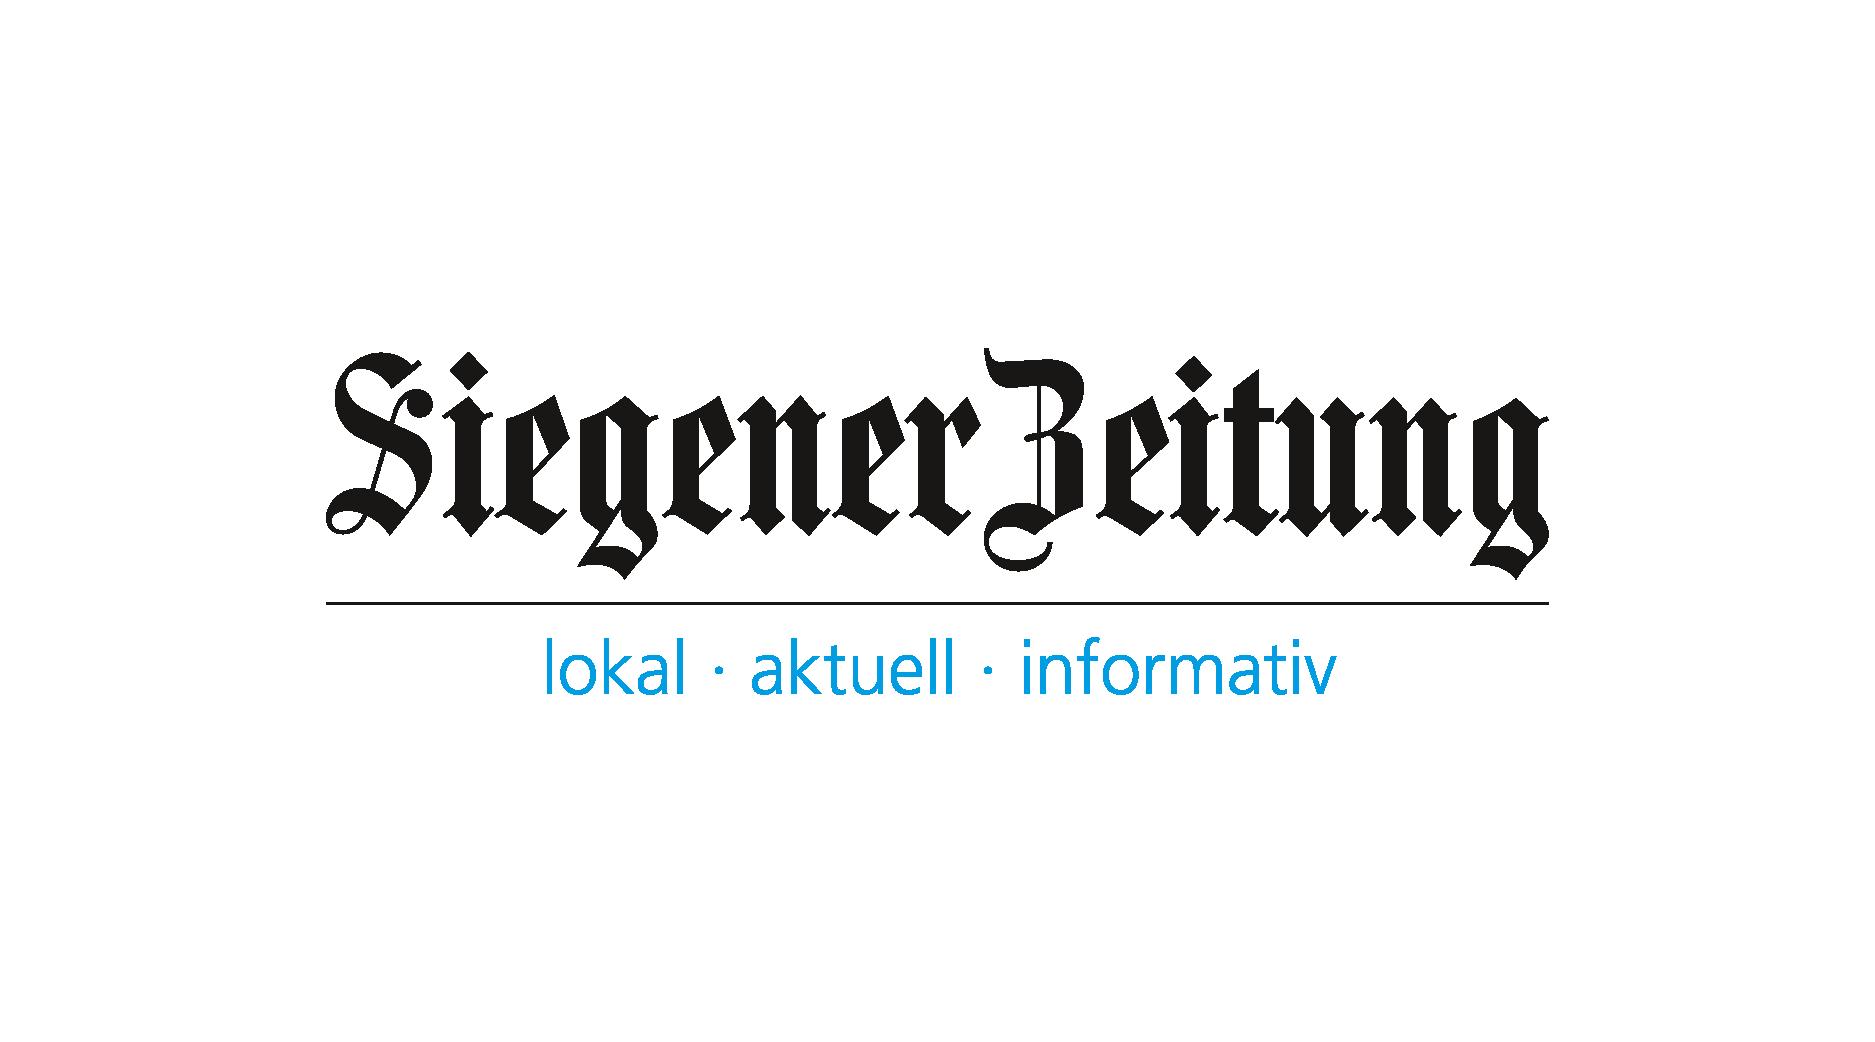 Logo Siegener Zeitung